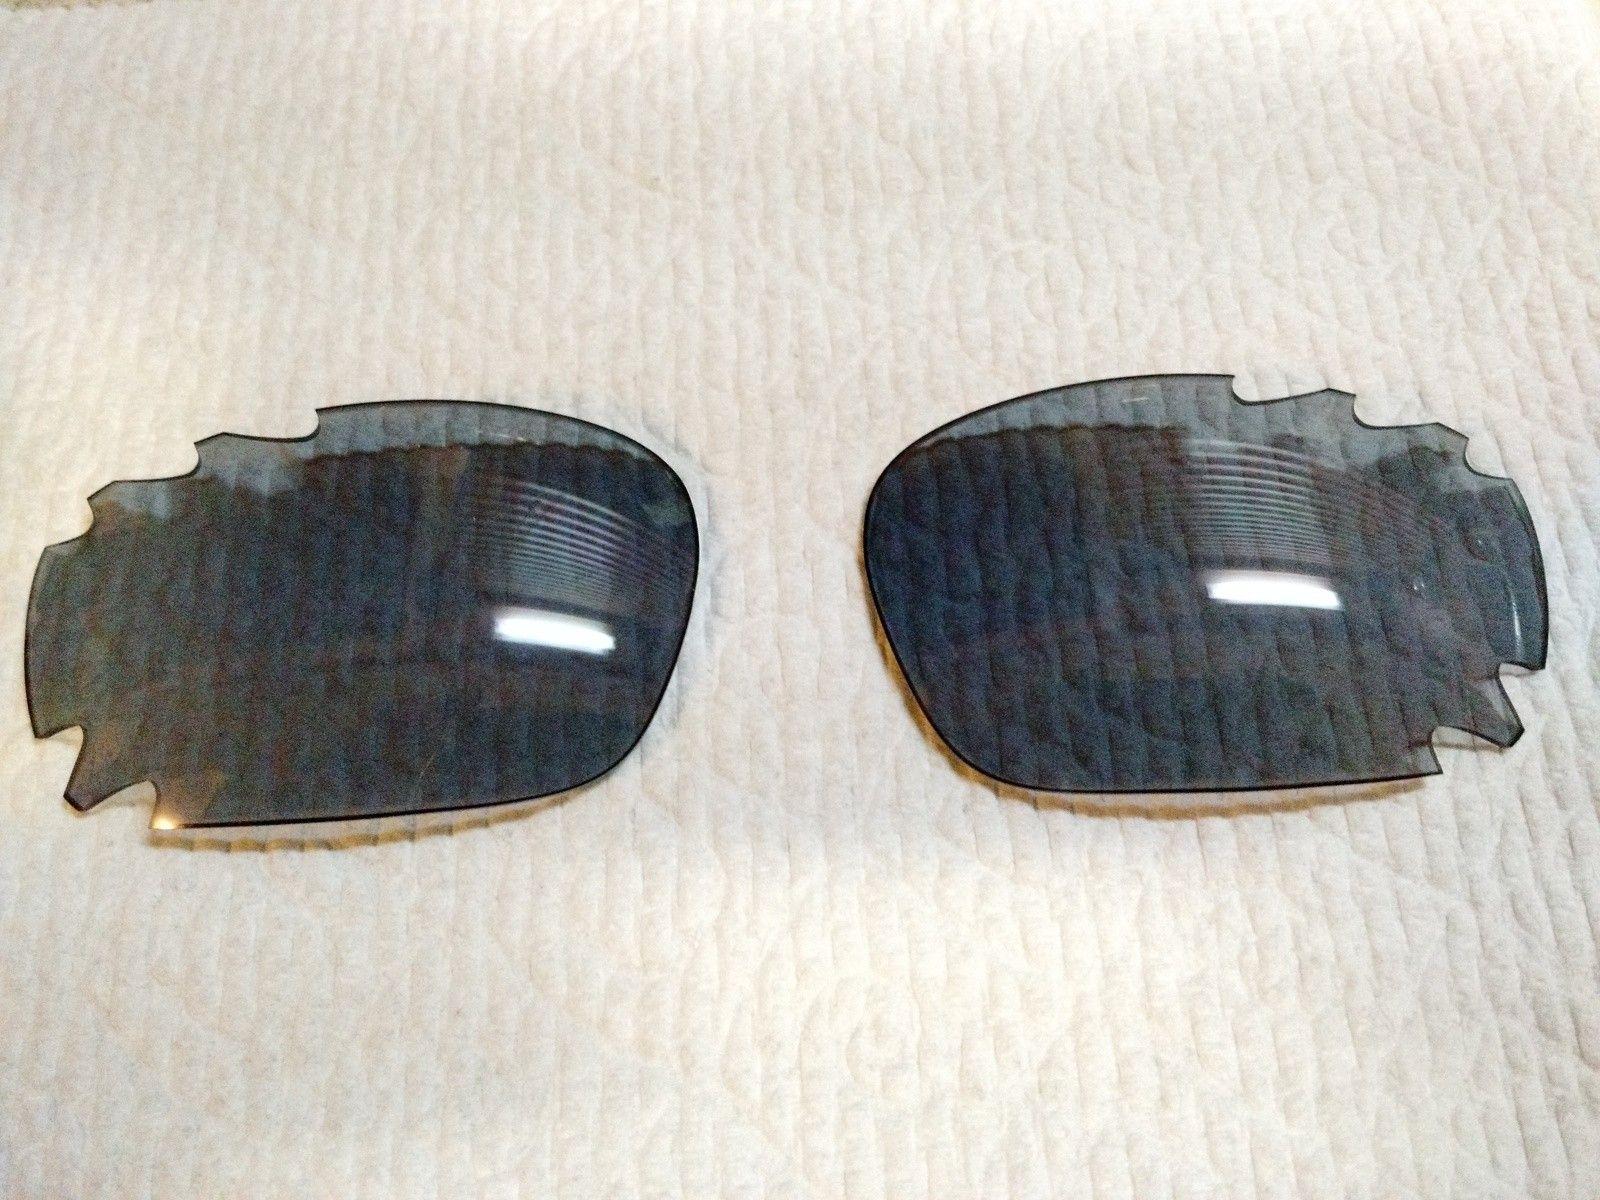 Lenses: Split Jacket yellow, Jawbone/Racing Jacket yellow & grey - IMG_20150213_231528010.jpg